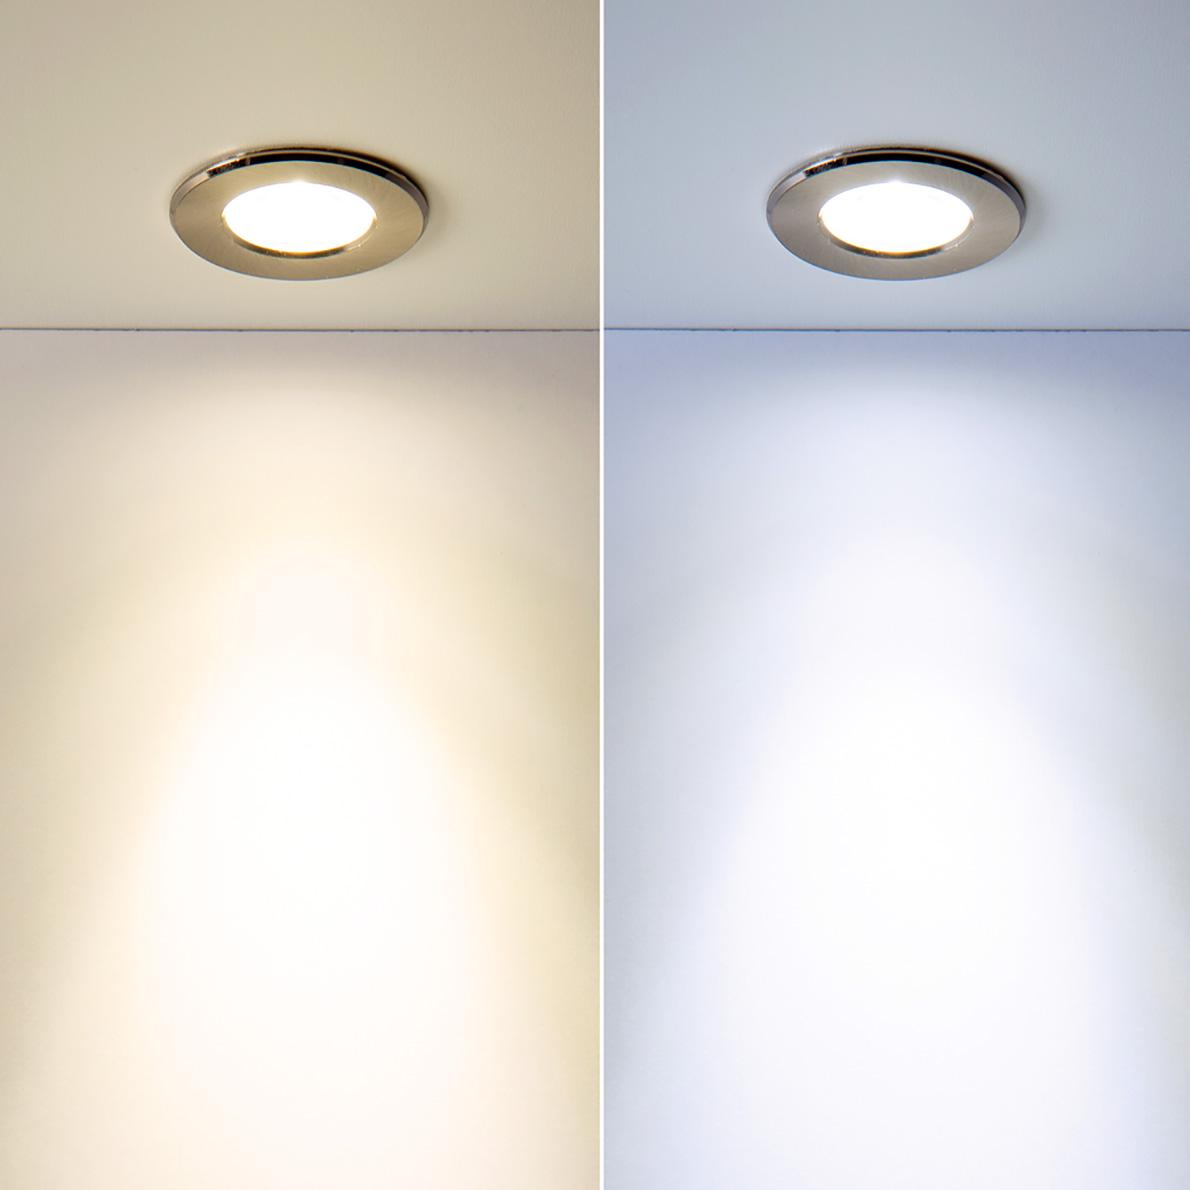 Mini-Light-warm-white-vs-natural-white.jpg